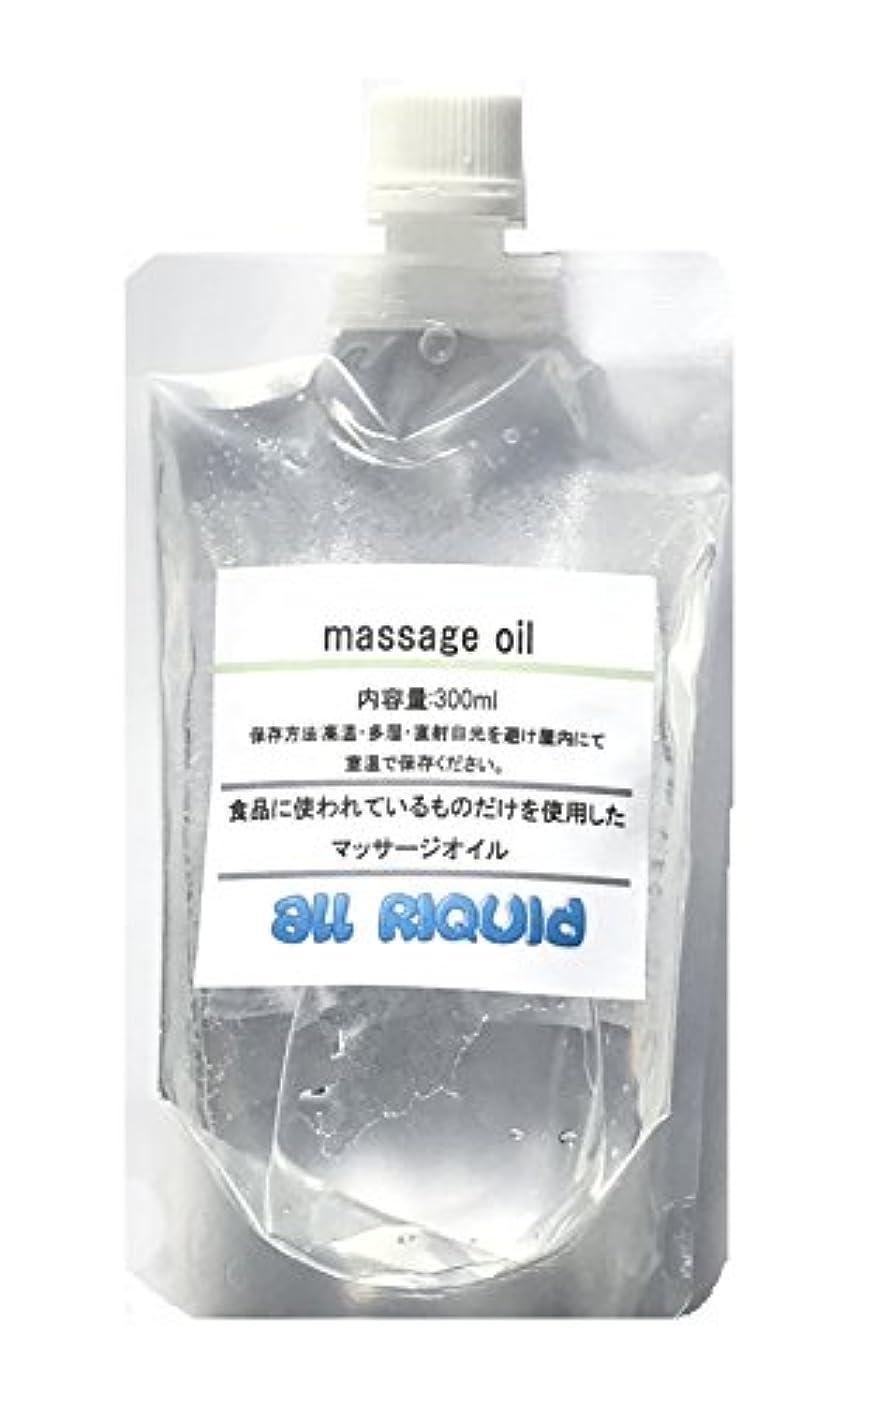 財布解決する電気(国産) 食品に使われているものしか入っていないアロママッサージオイル グリーンアップル天然ペパーミント配合 オールリキッド 300ml (グリセリン クエン酸) 配合 大容量